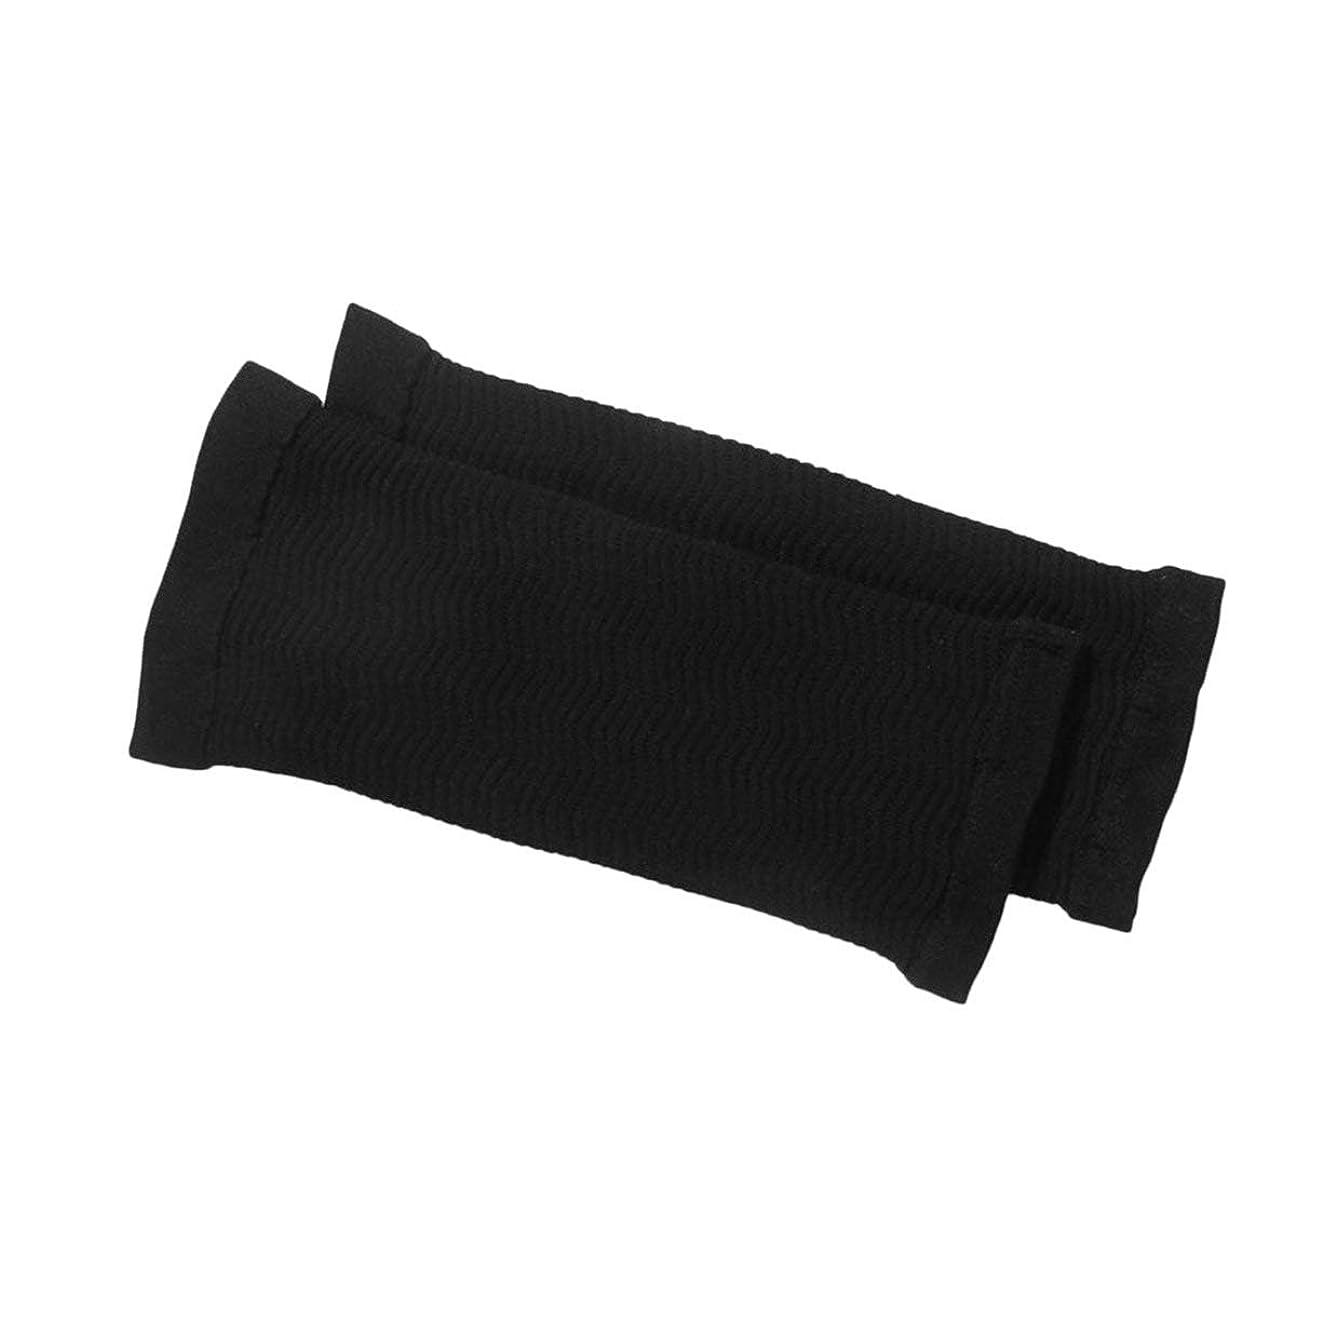 国内の発行するヒット1ペア420 D圧縮痩身アームスリーブワークアウトトーニングバーンセルライトシェイパー脂肪燃焼袖用女性 - 黒